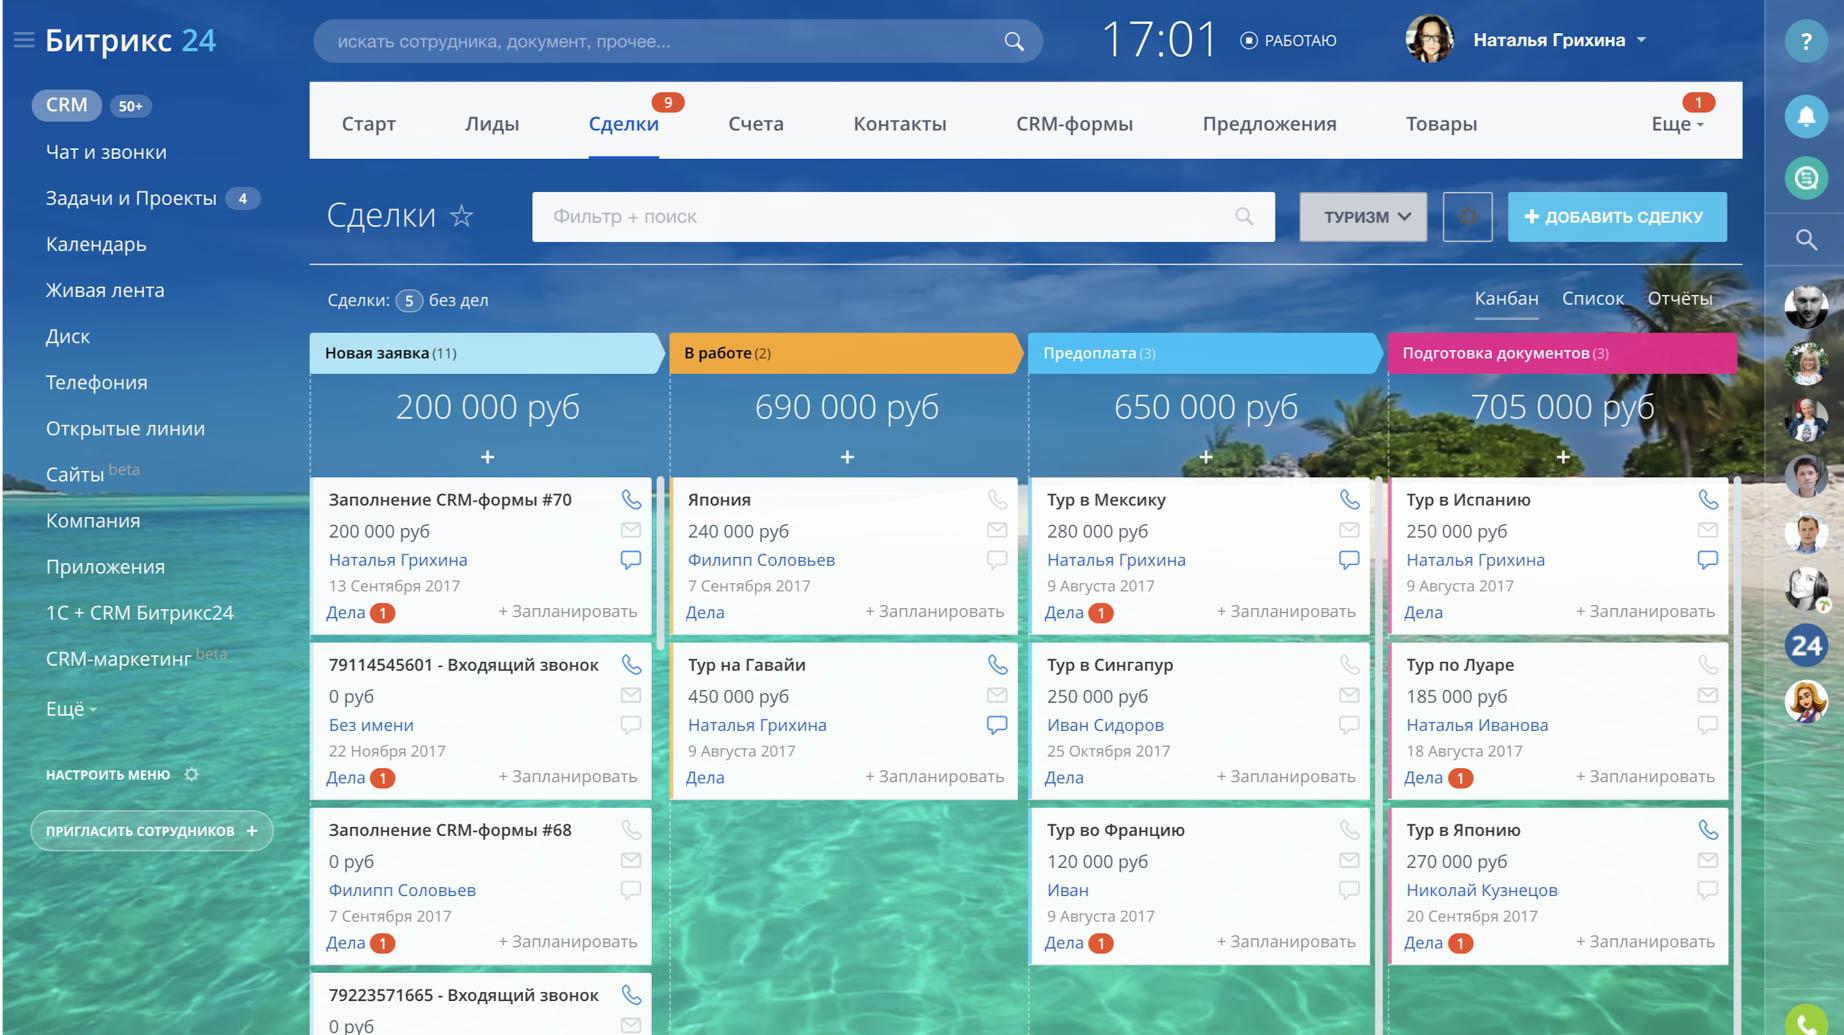 Бесплатная crm система битрикс24 создание сайта интернет магазина на битрикс